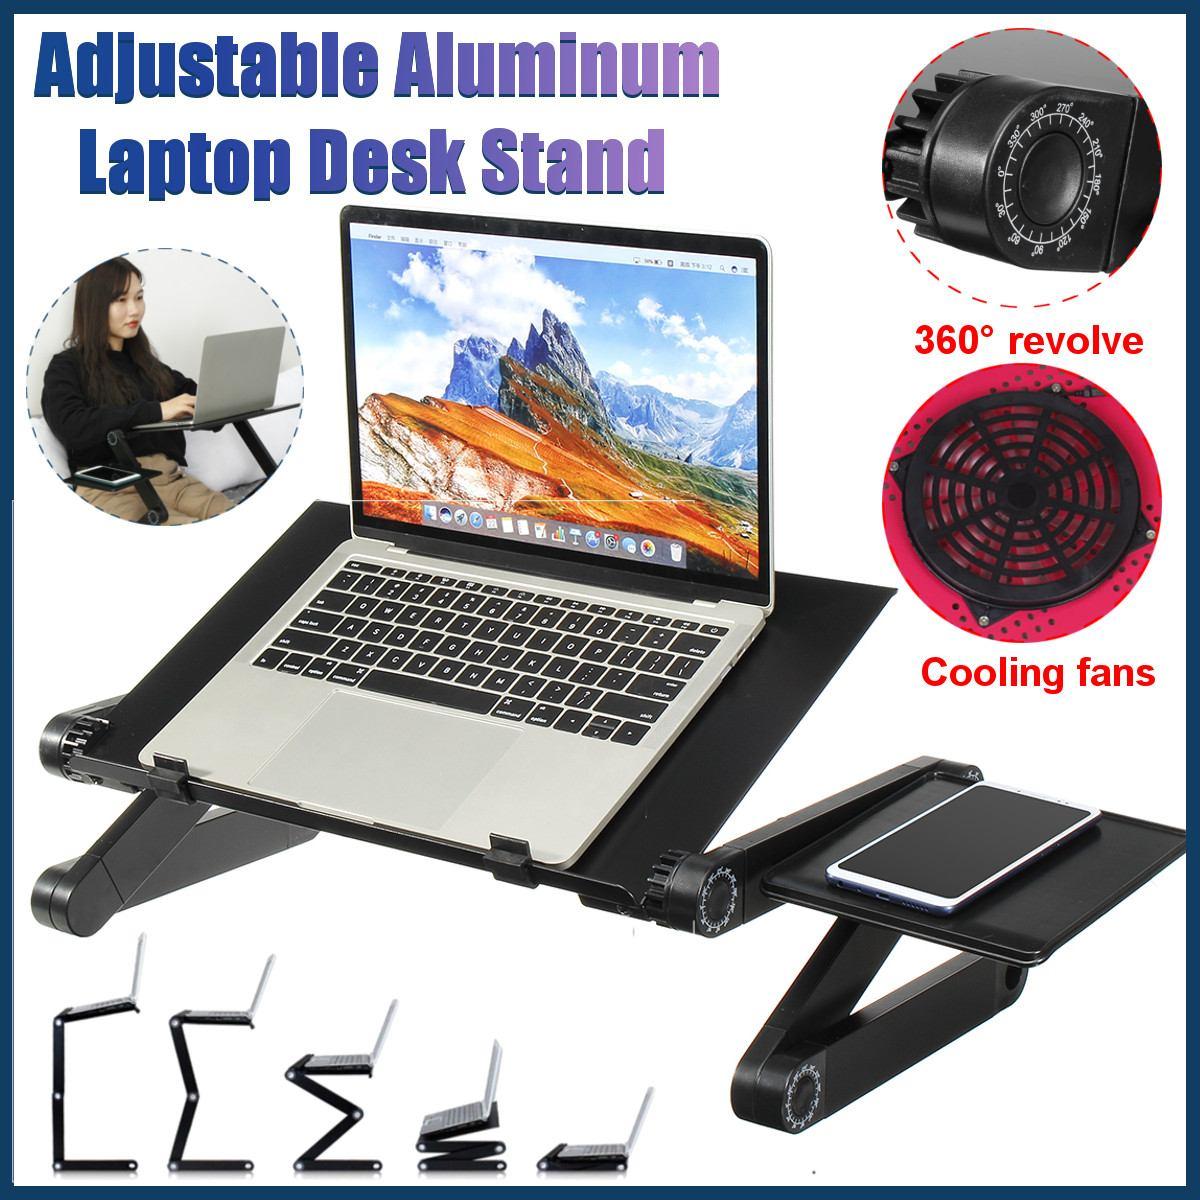 휴대용 조정 가능한 알루미늄 노트북 책상 스탠드 테이블 통풍 TV 침대 무릎 작업 사무실 PC 라이저 침대 소파 소파